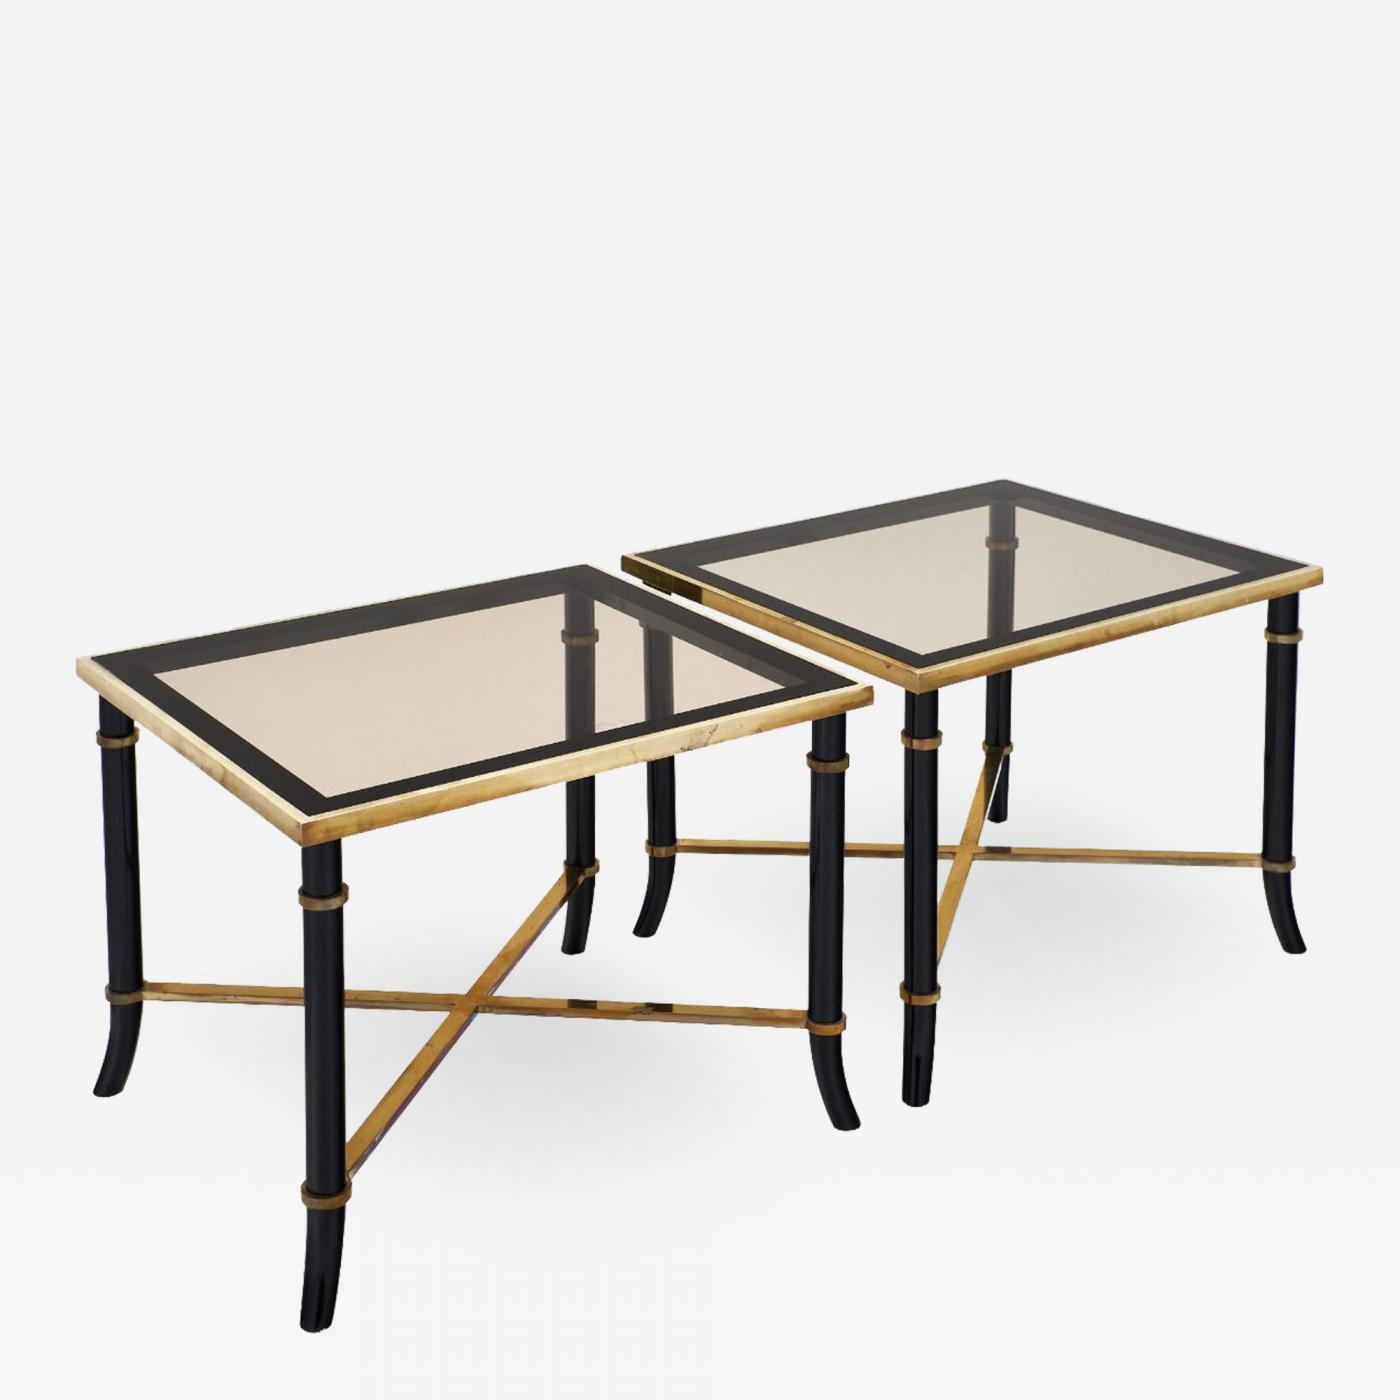 Maison Bagues Maison Bagues Art Deco Side Tables